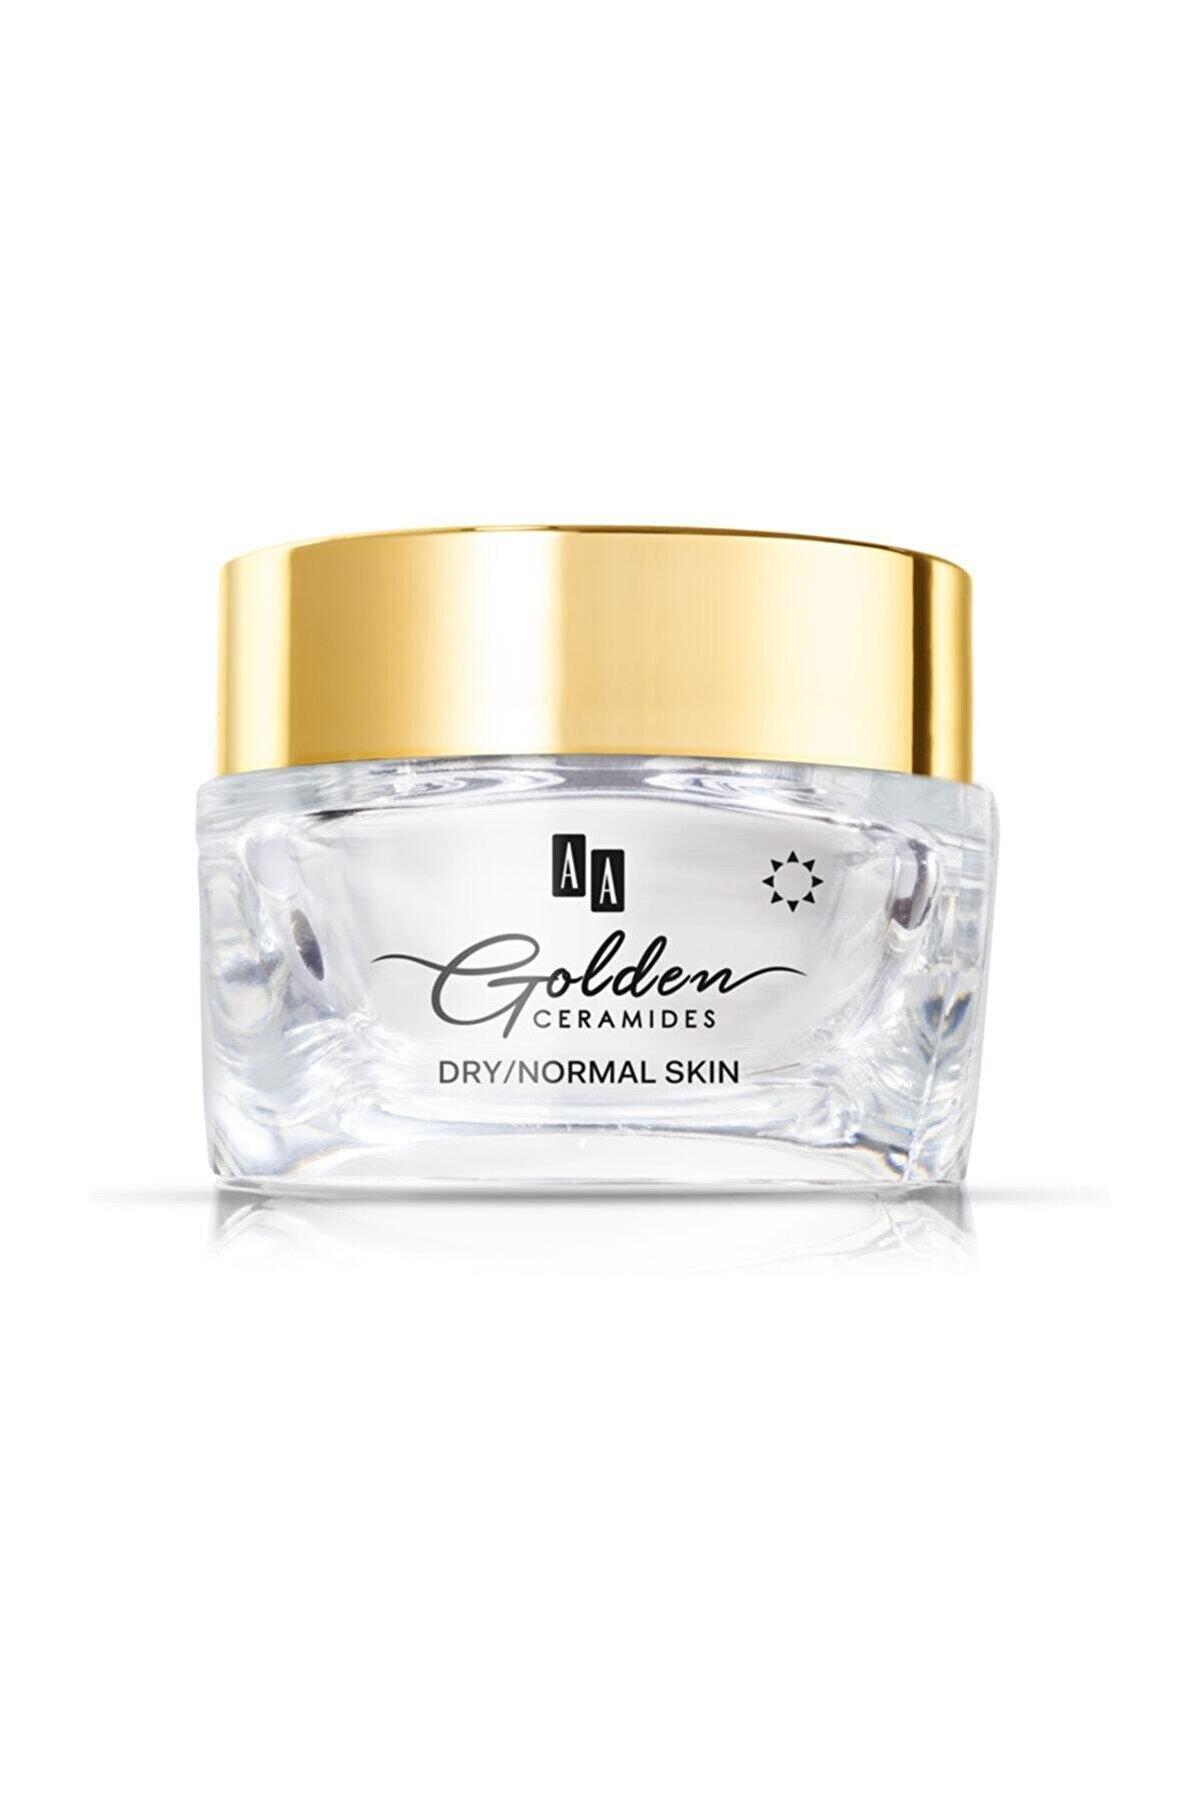 AA Cosmetics Golden Ceramides Kırışıklık Kremi Gündüz Kuru/normal Cilt 50 ml.